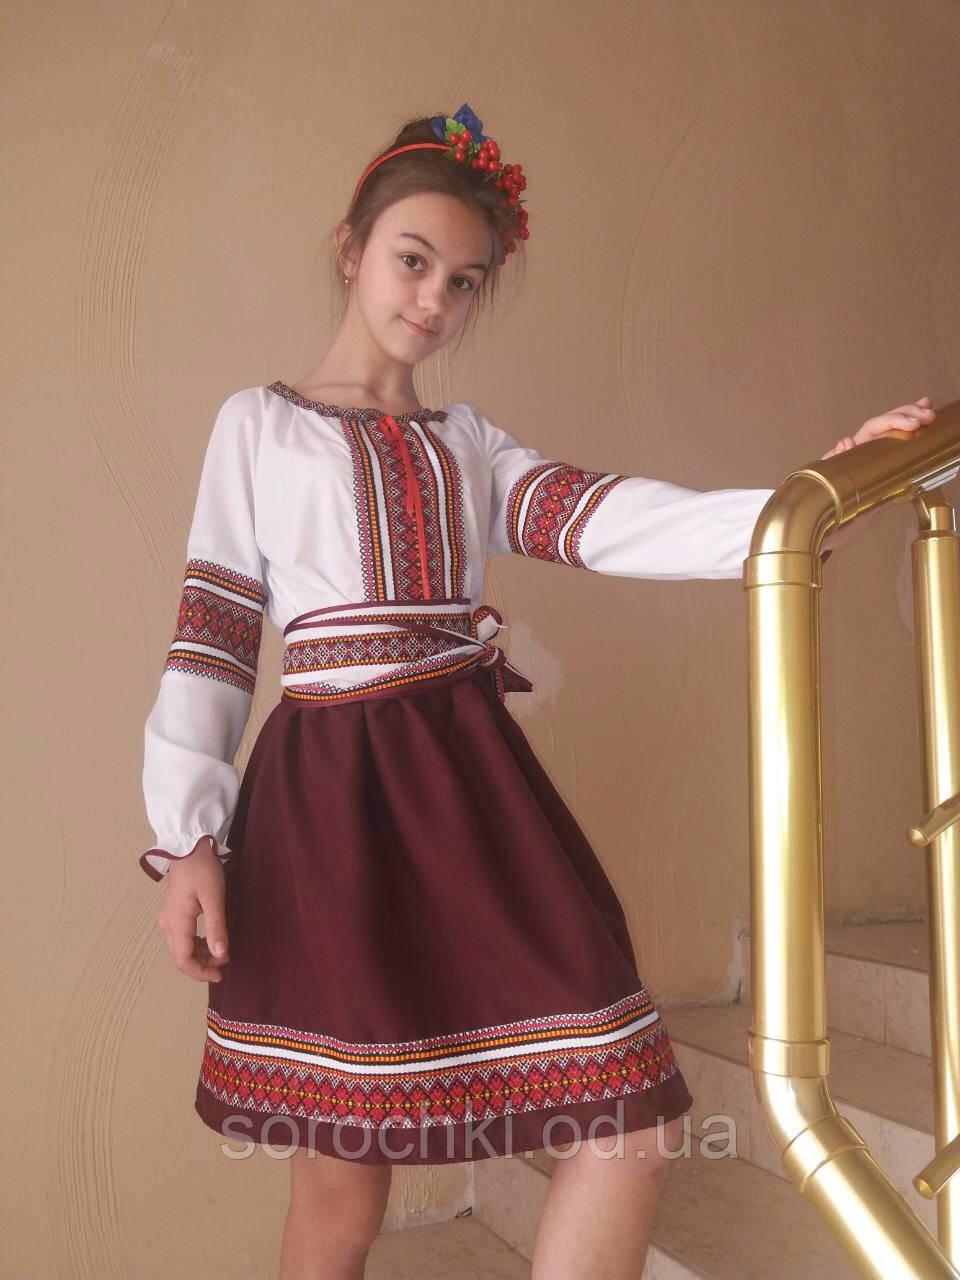 Вышиванка для девочки,украинский костюм , блузка поплин белая , юбка габардин , бордовая , продажа - прокат бордовый